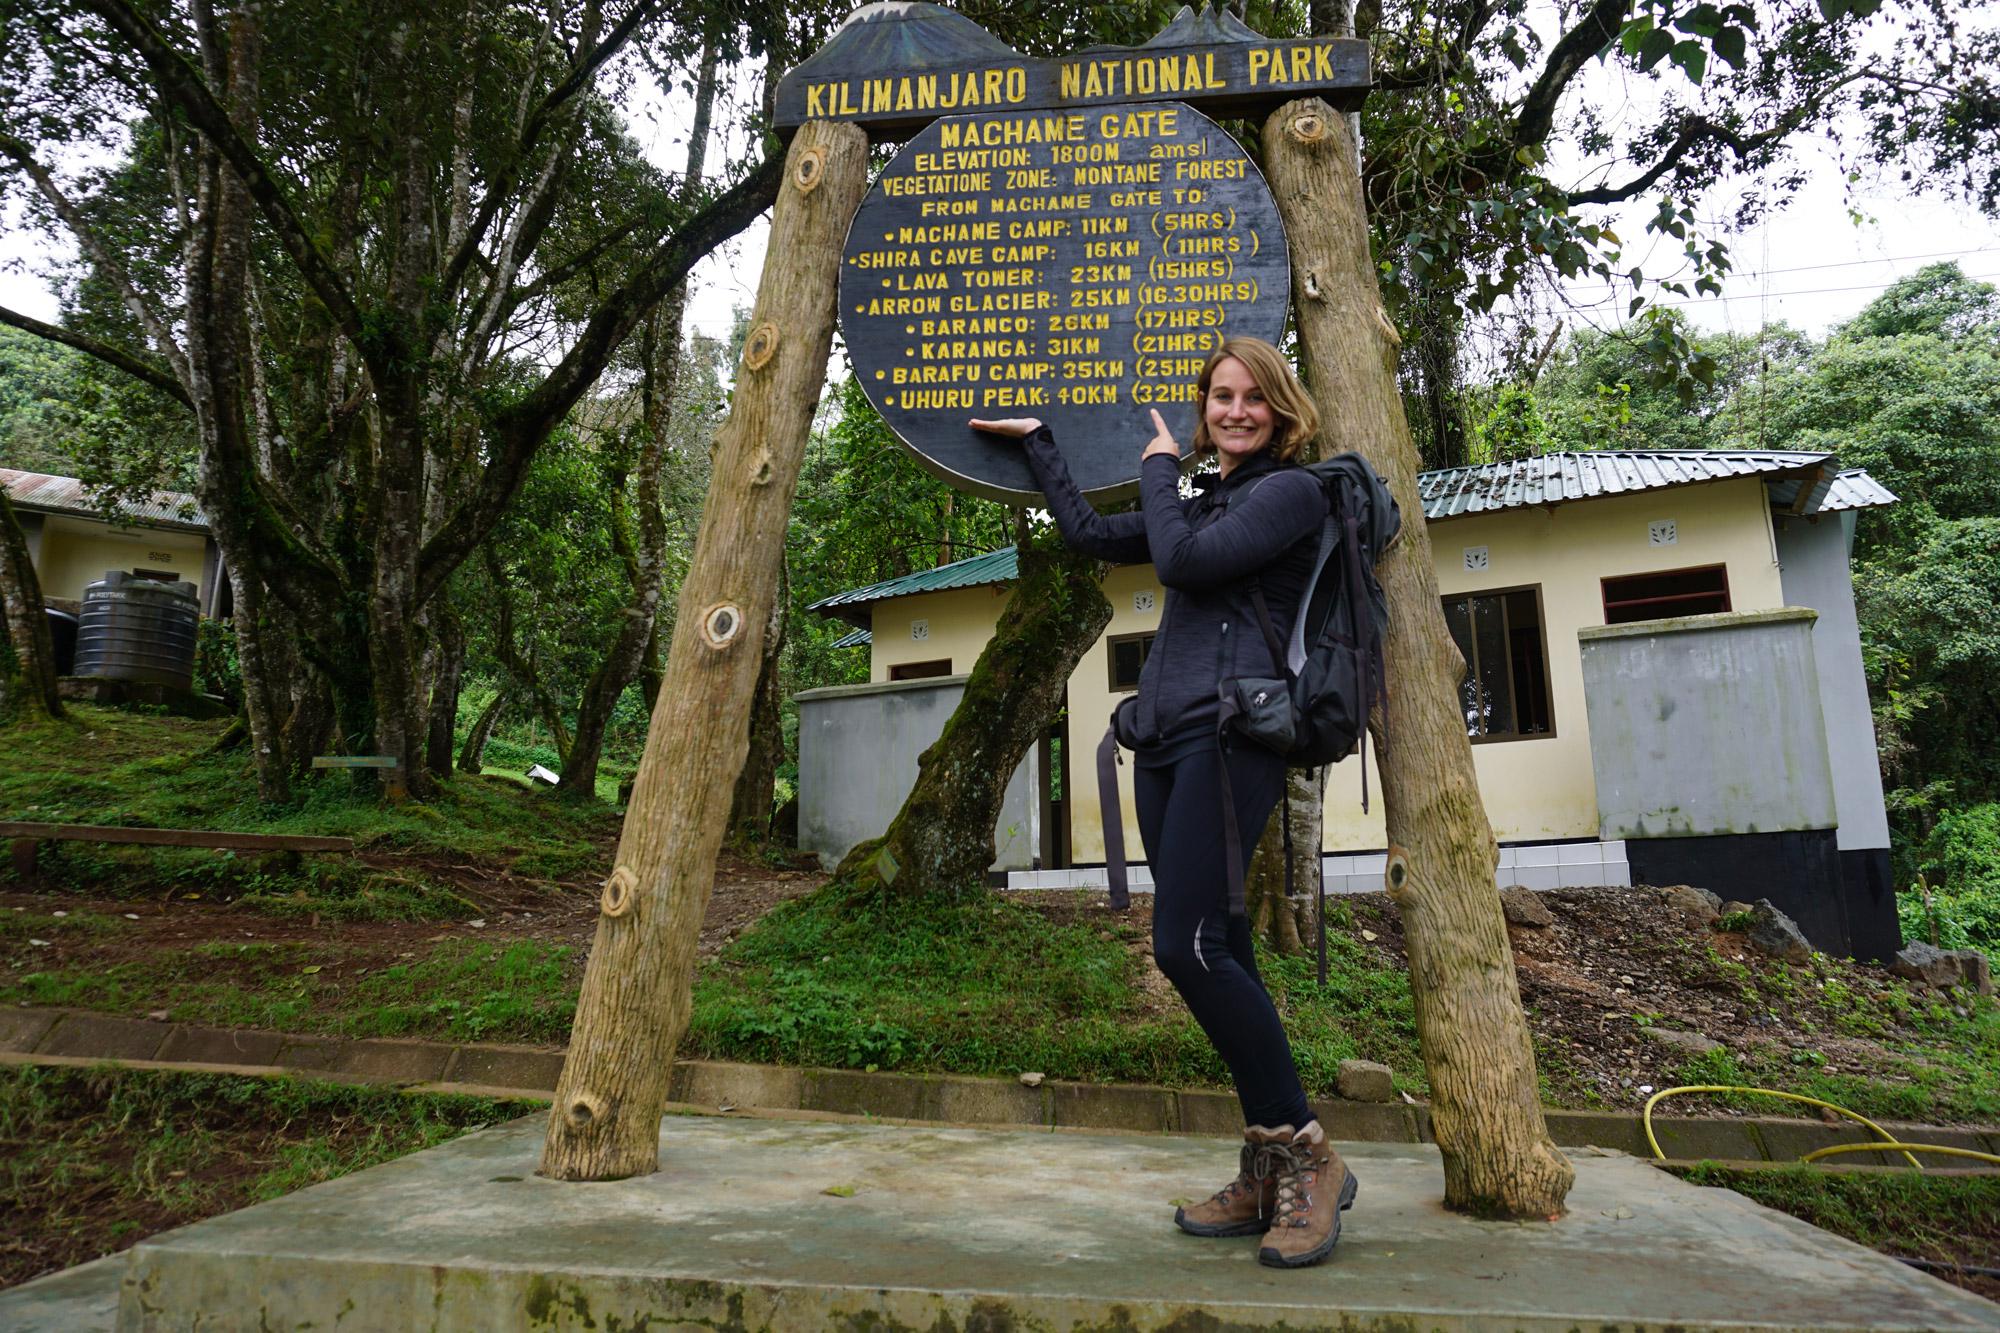 Mechteld - Kilimanjaro